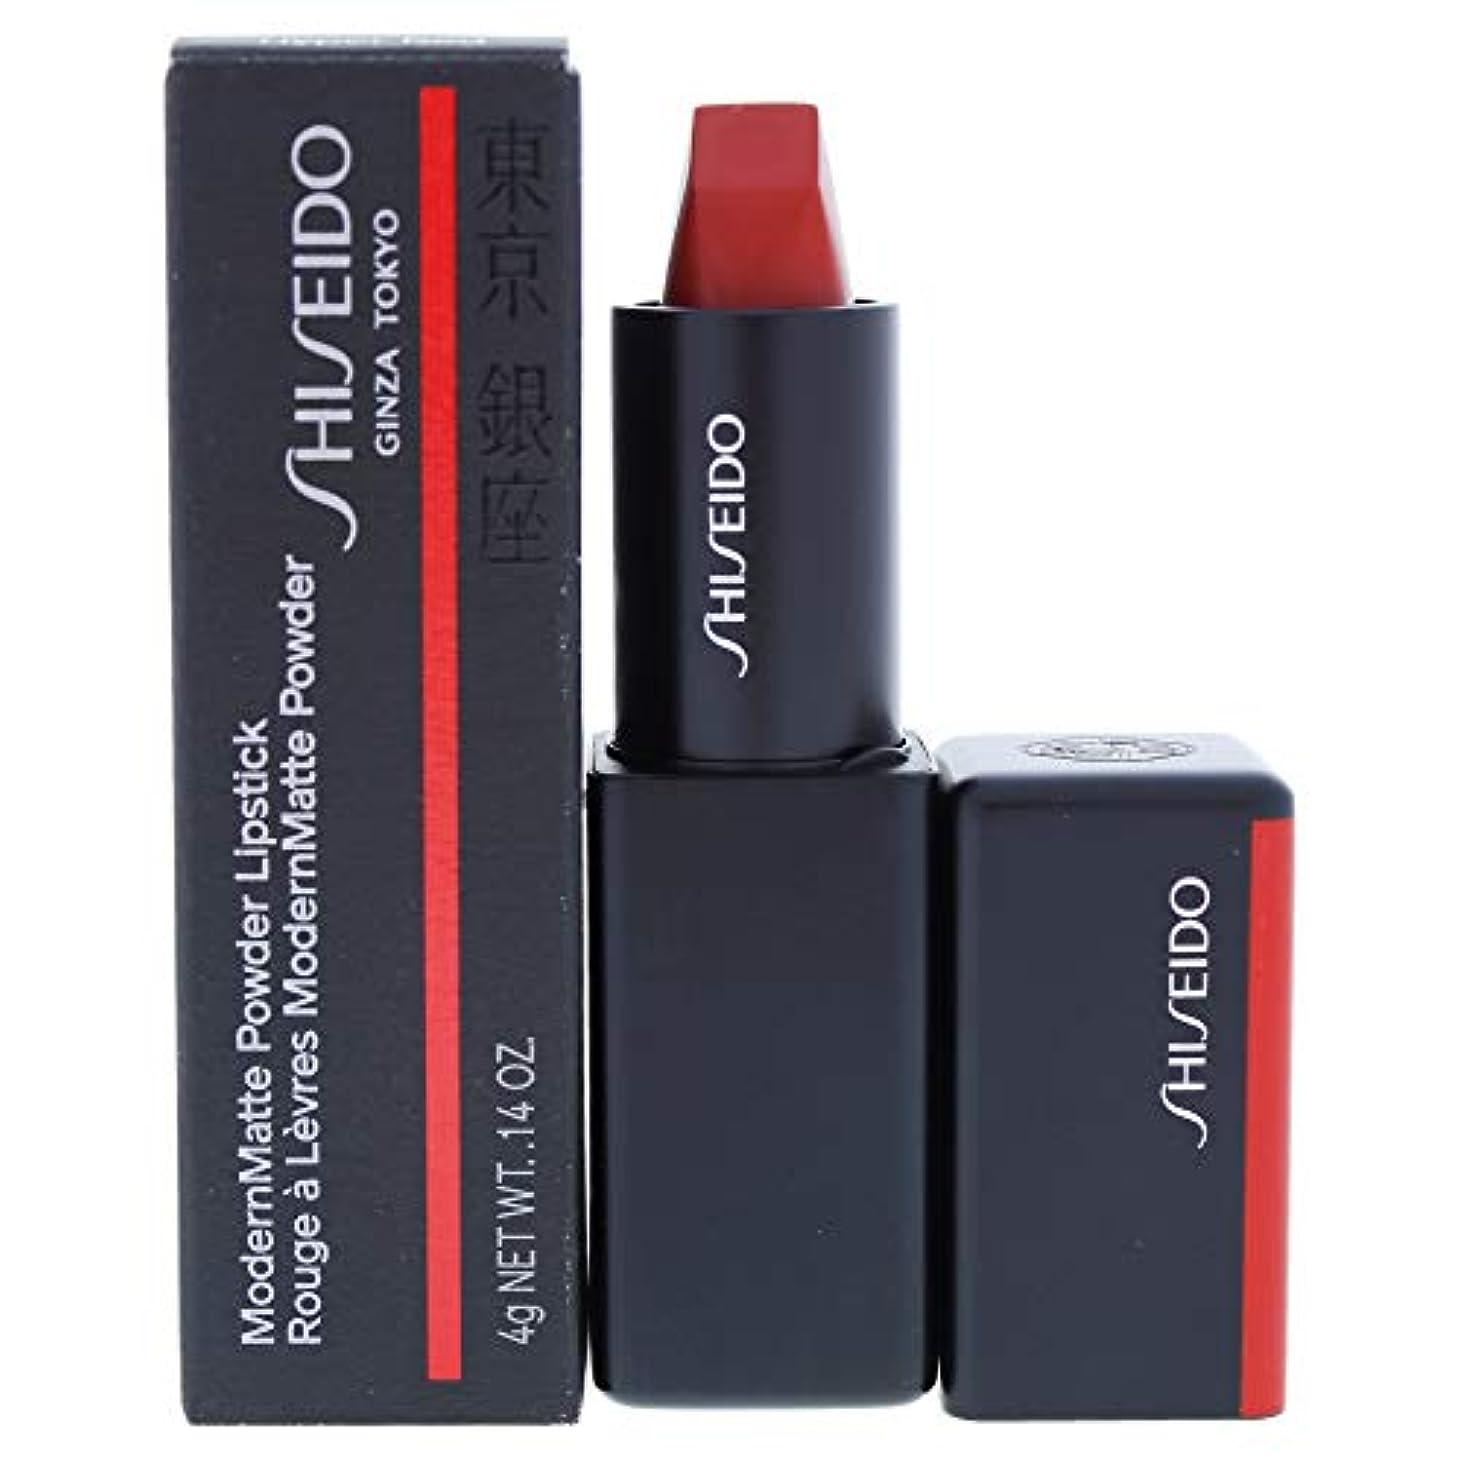 肥満市町村バランスのとれた資生堂 ModernMatte Powder Lipstick - # 514 Hyper Red (True Red) 4g/0.14oz並行輸入品